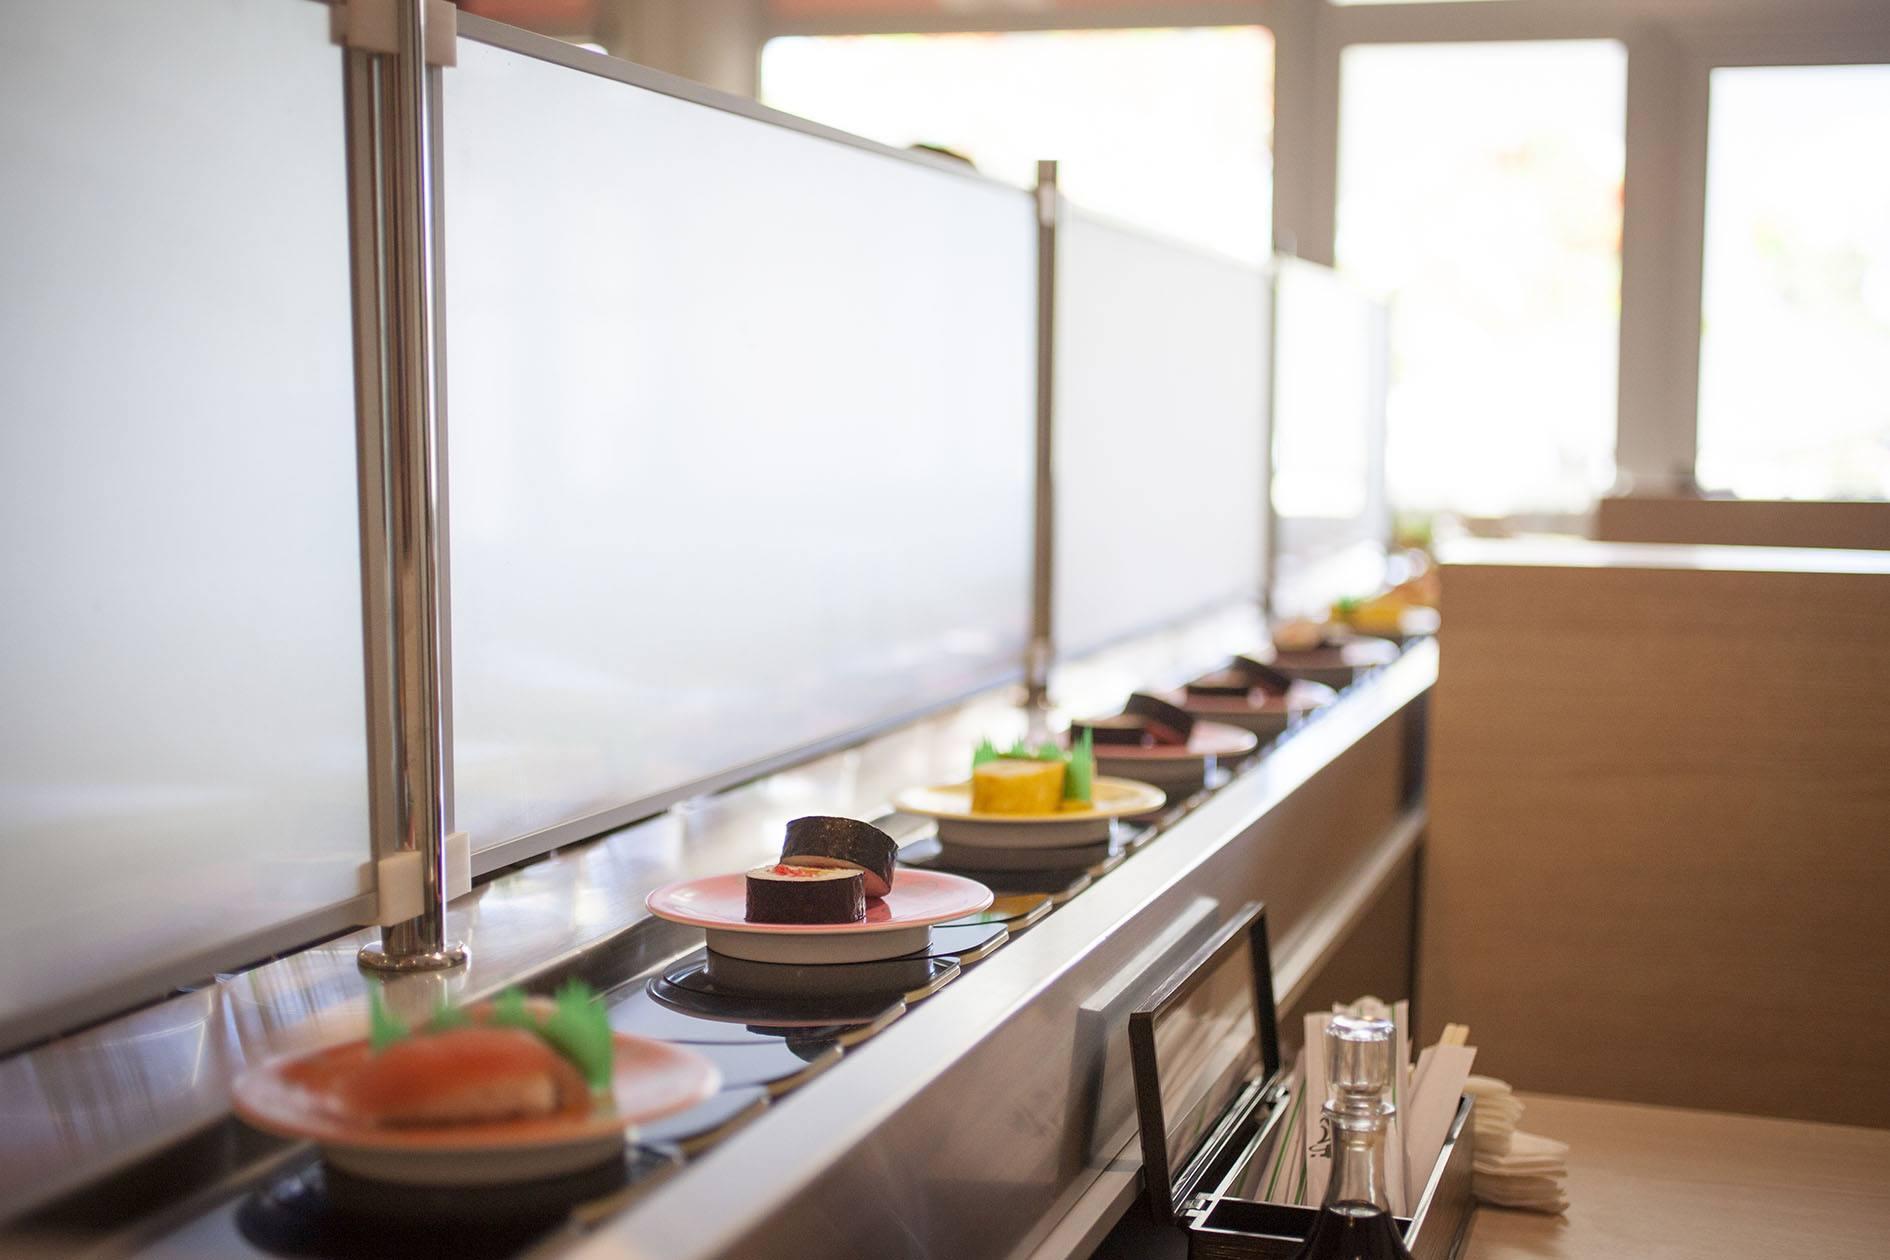 Tanuki Sushi Train